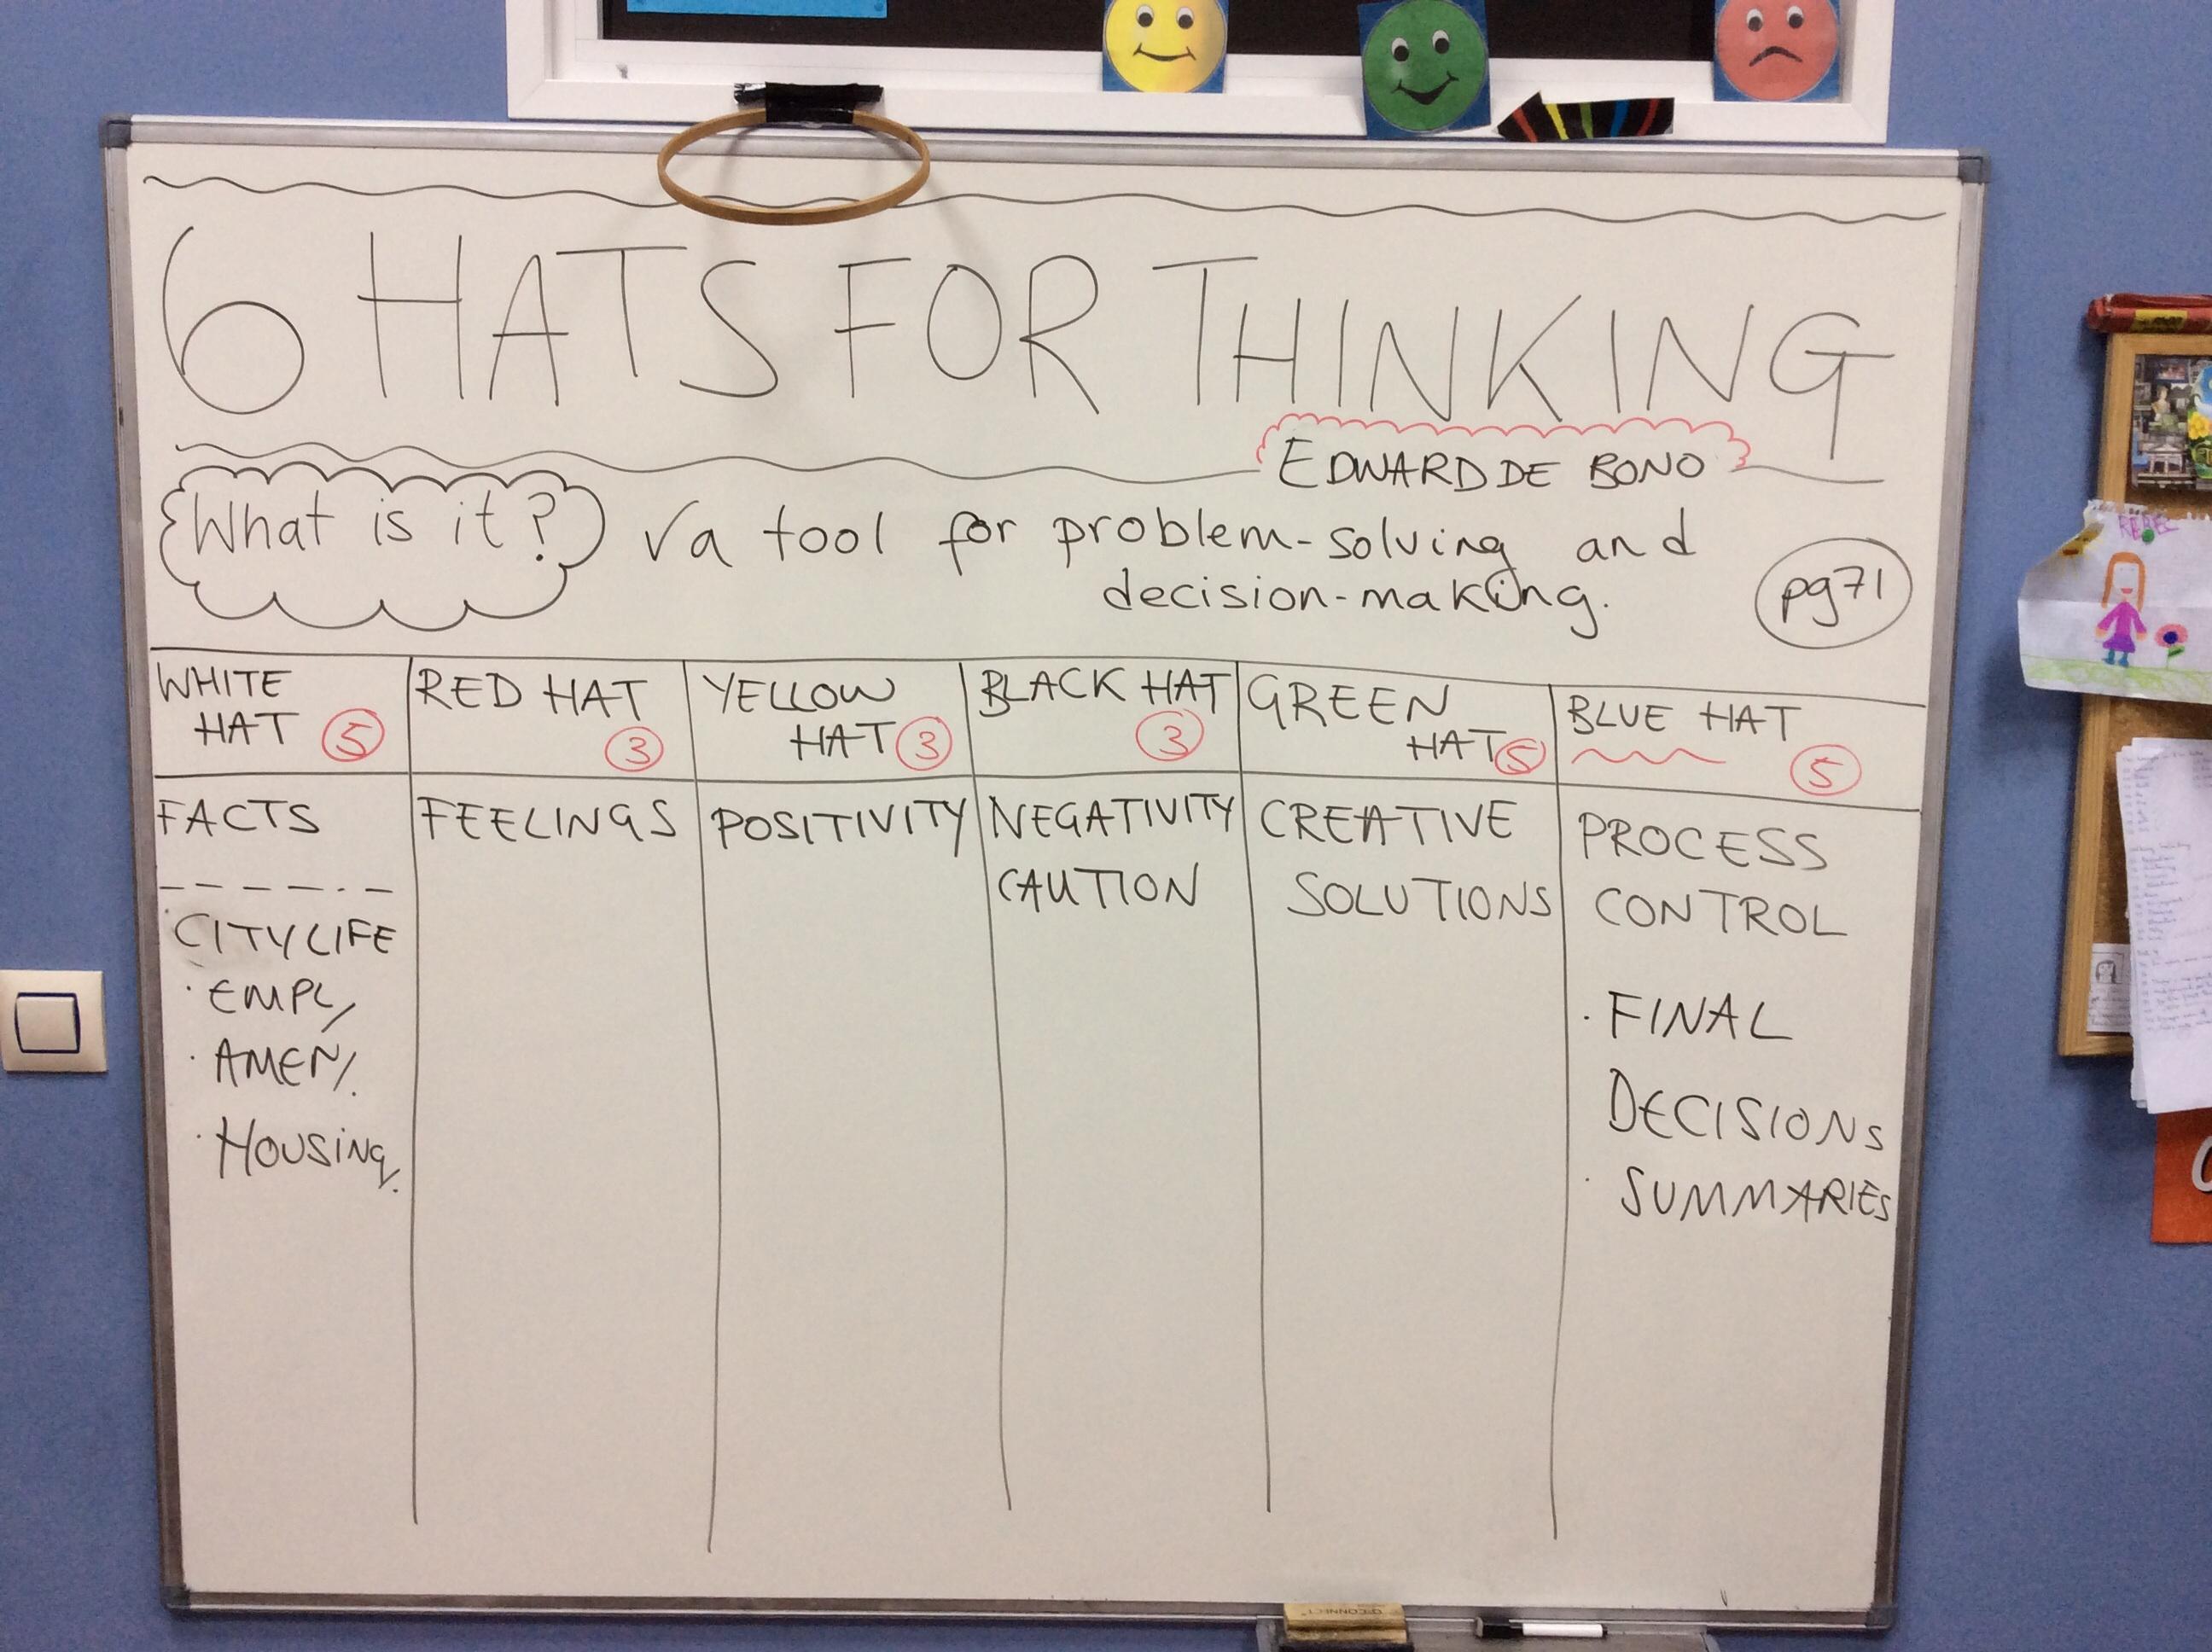 6 Hats For Thinking Edward De Bono